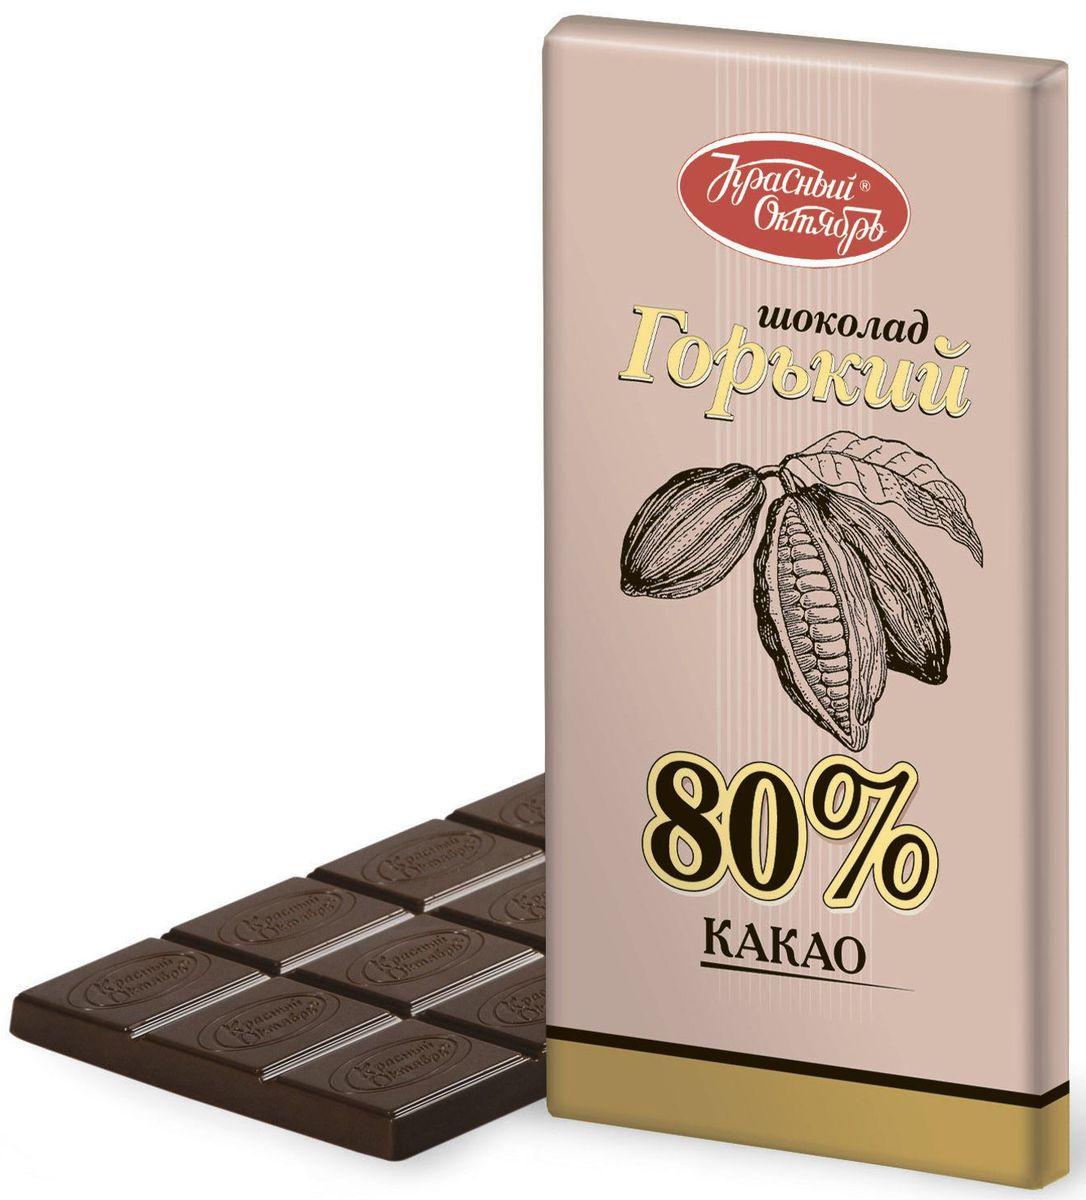 Красный Октябрь горький 80% какао шоколад, 75 гКО01512Красный Октябрь - уникальный пример в истории российского кондитерского дела, ведь таким количеством знаменитых марок, пожалуй, не может похвастаться ни один другой производитель в России.